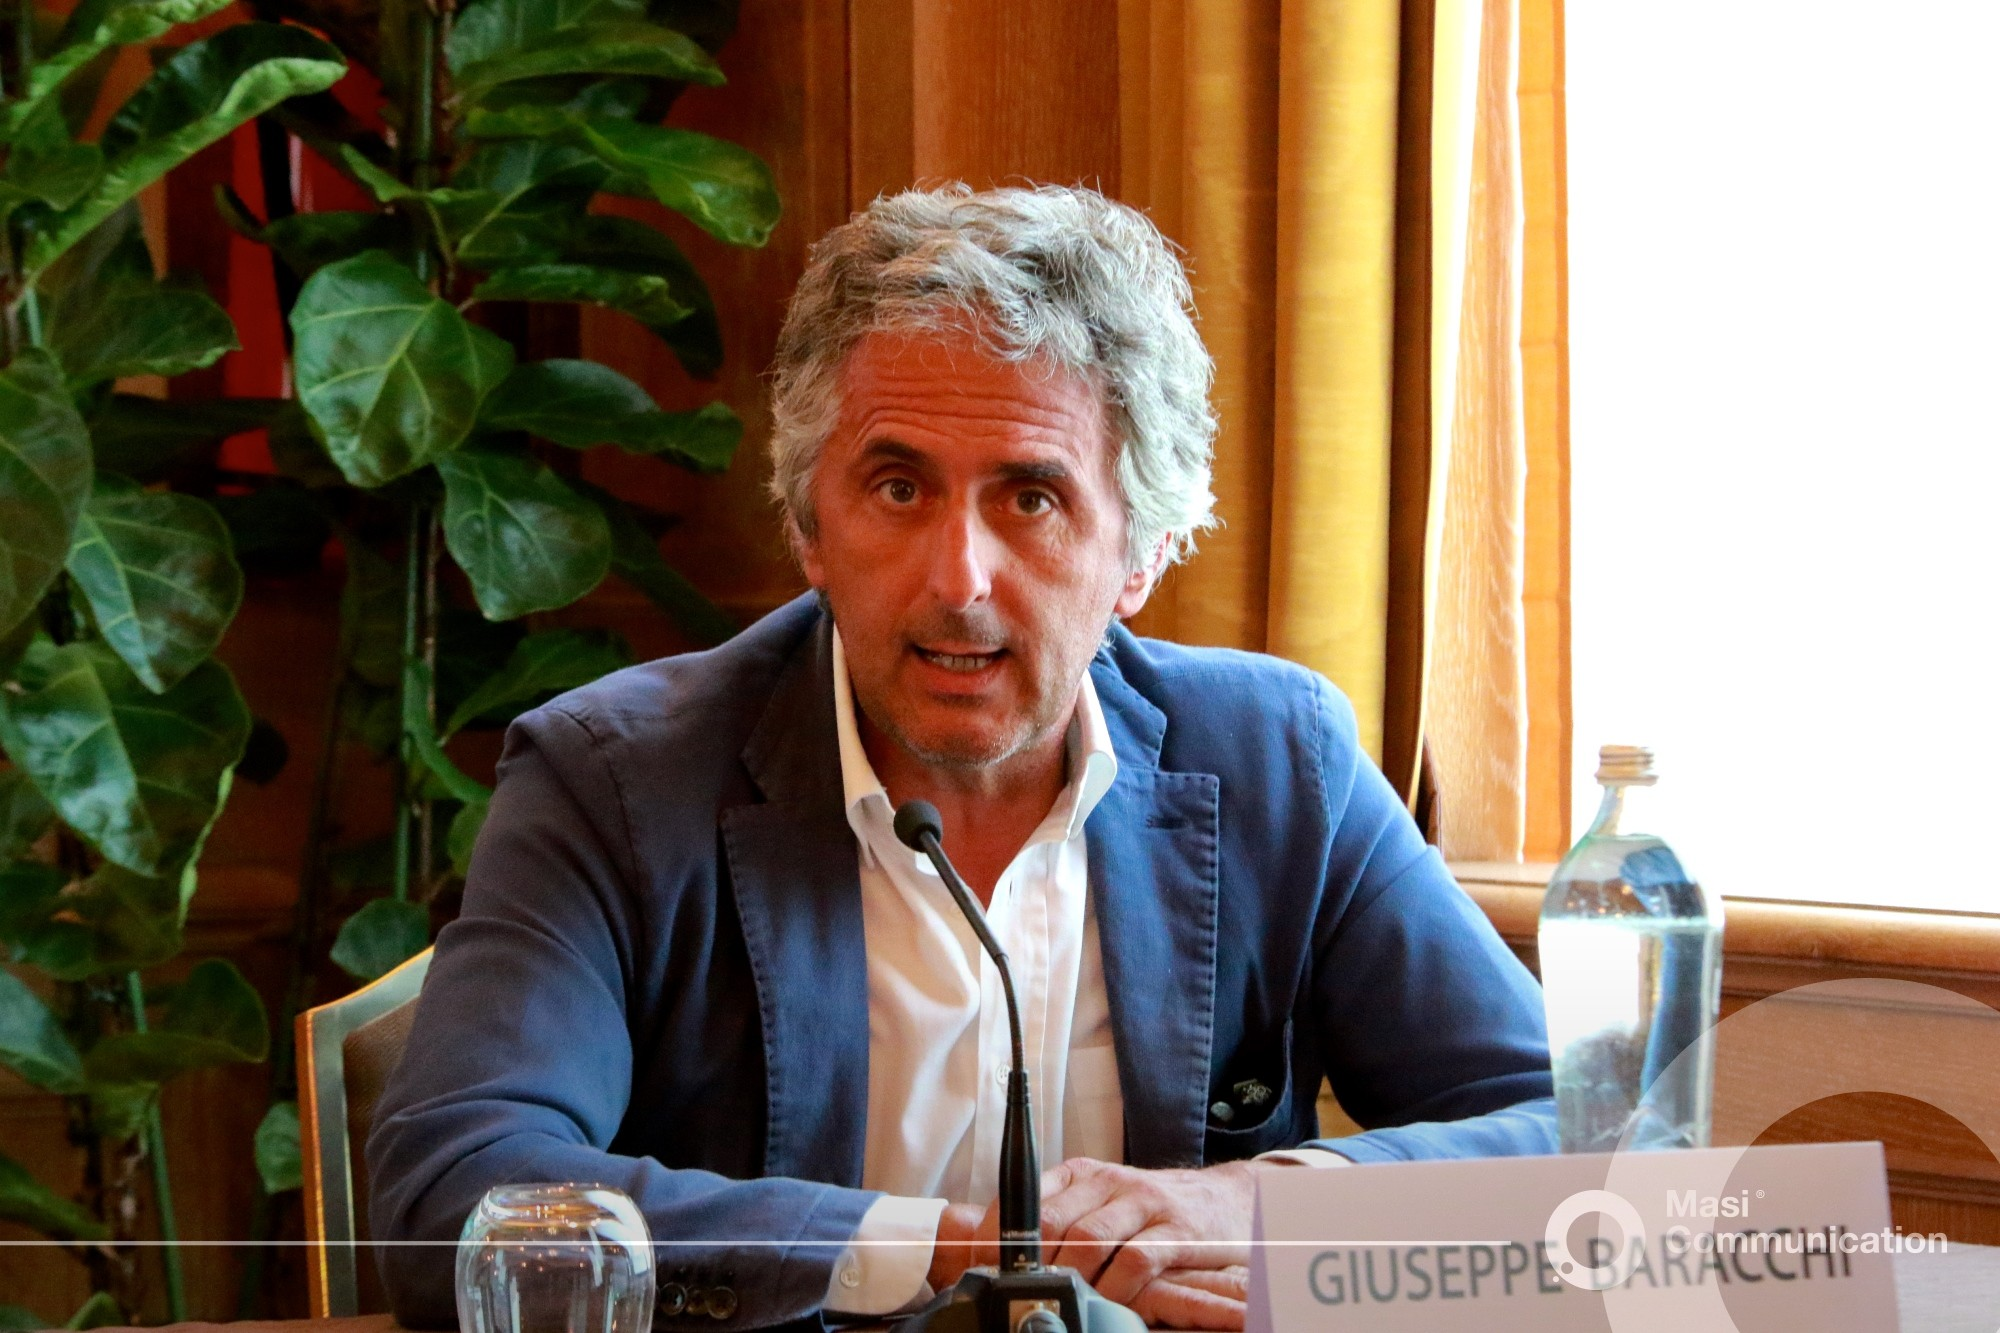 Giuseppe Baracchi, Presidente dell'Ordine Architetti di Piacenza